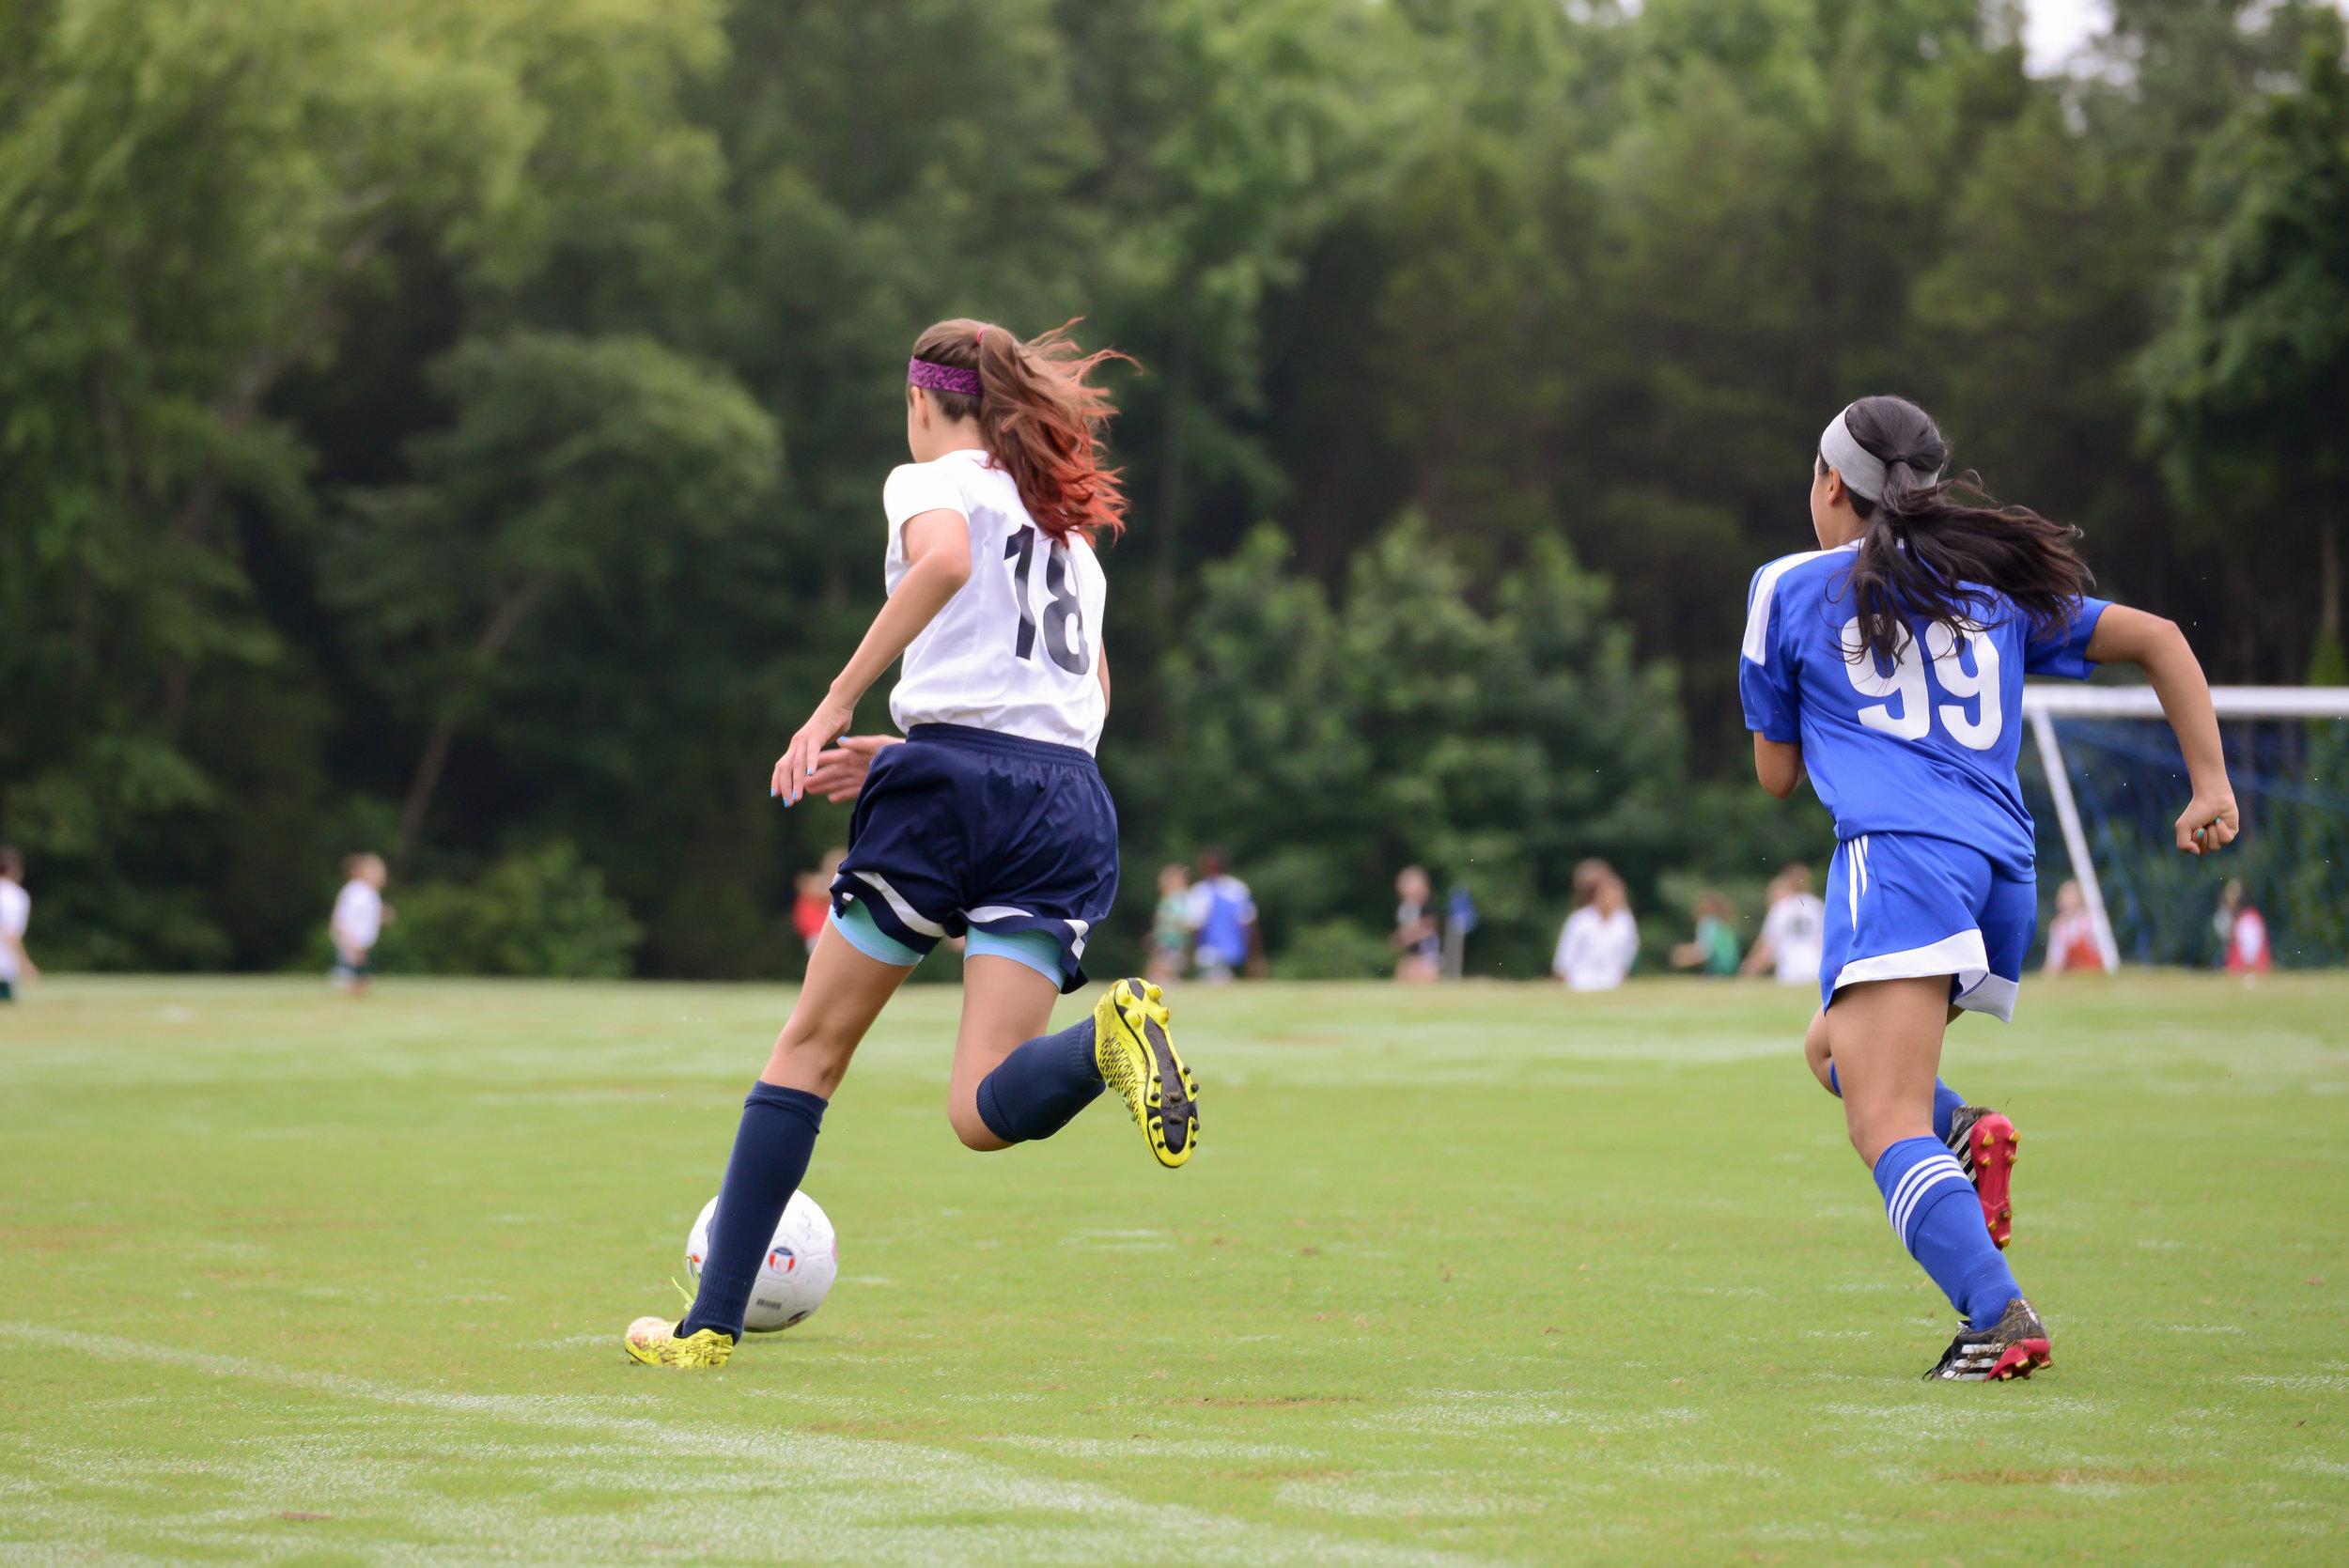 Sprinting towards the goal